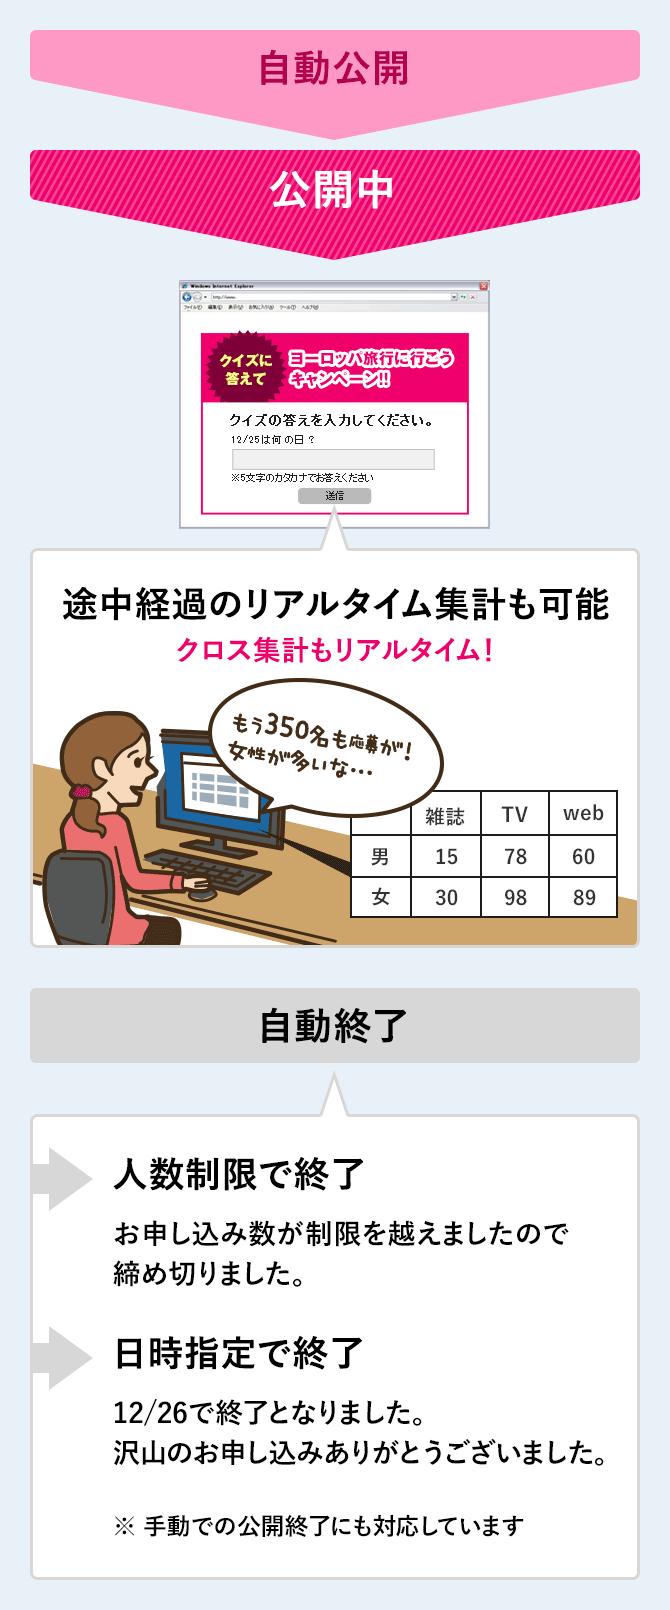 自動スケジュール設定&リアルタイム集計